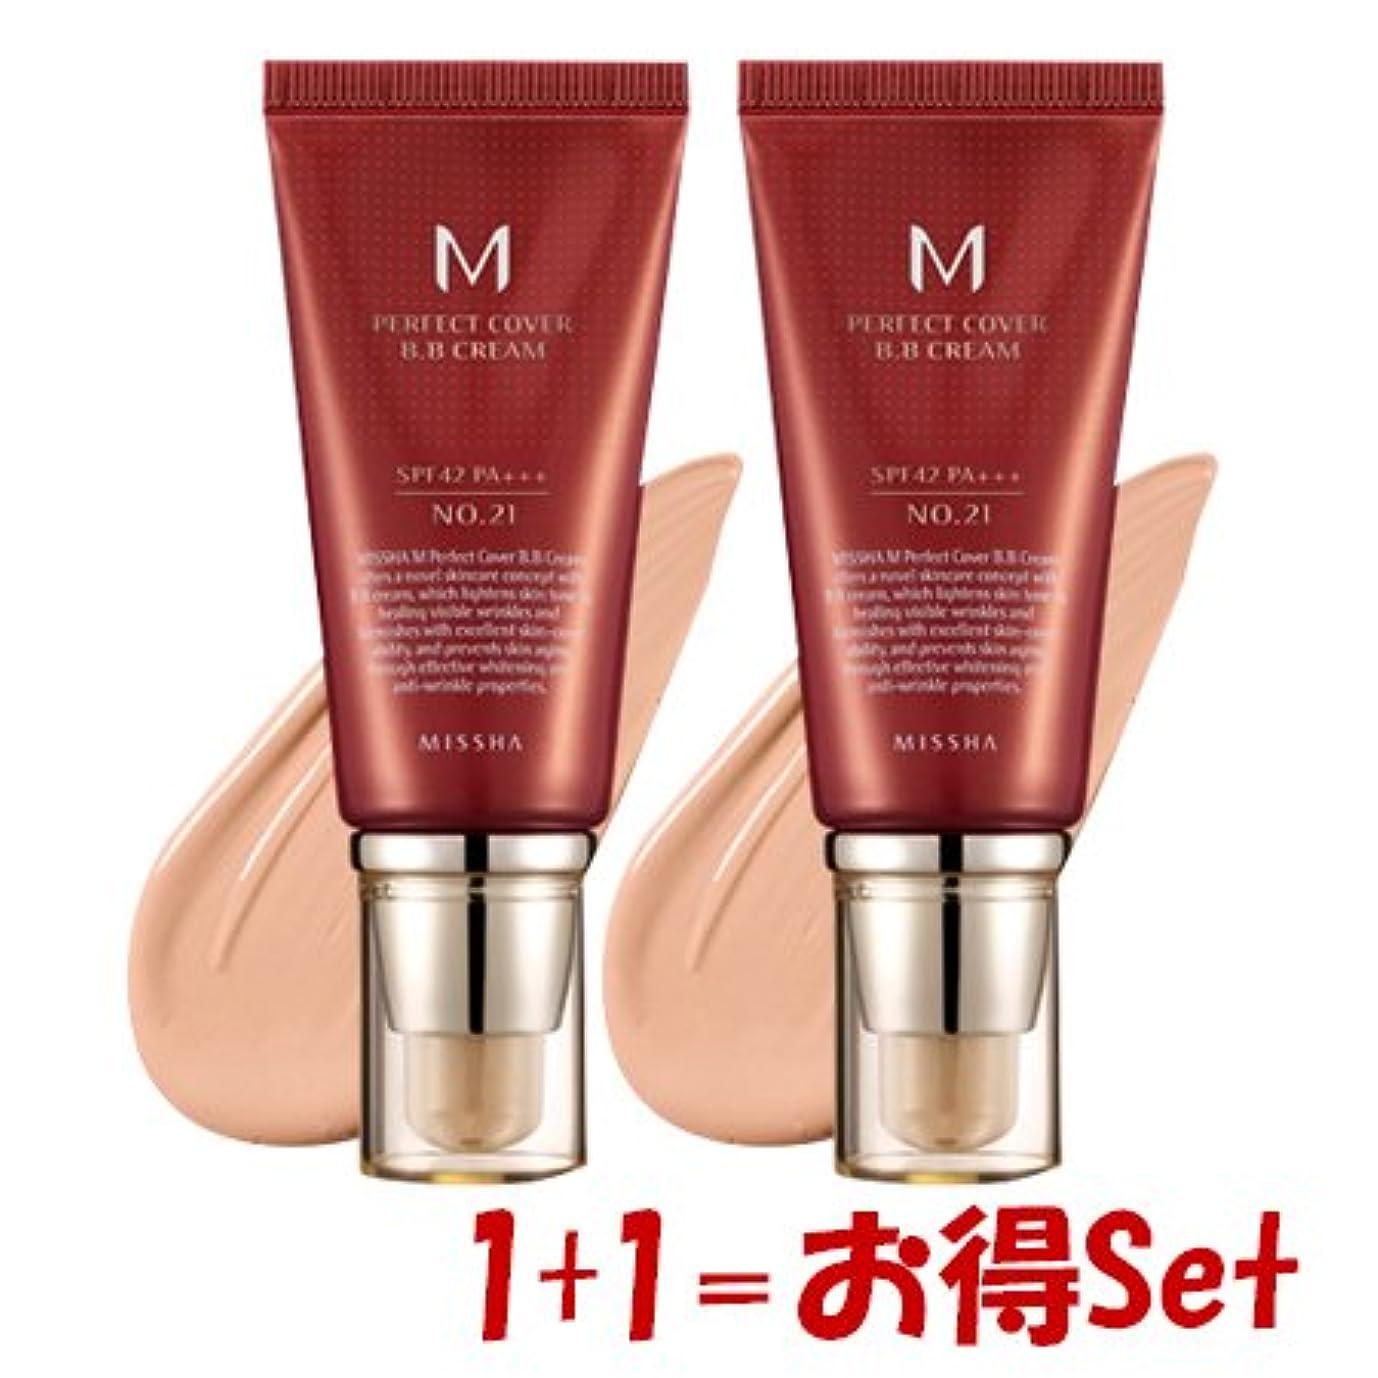 マークダウン与えるホストMISSHA(ミシャ) M Perfect Cover パーフェクトカバーBBクリーム 21号+ 21号(1+1=Set) [並行輸入品]